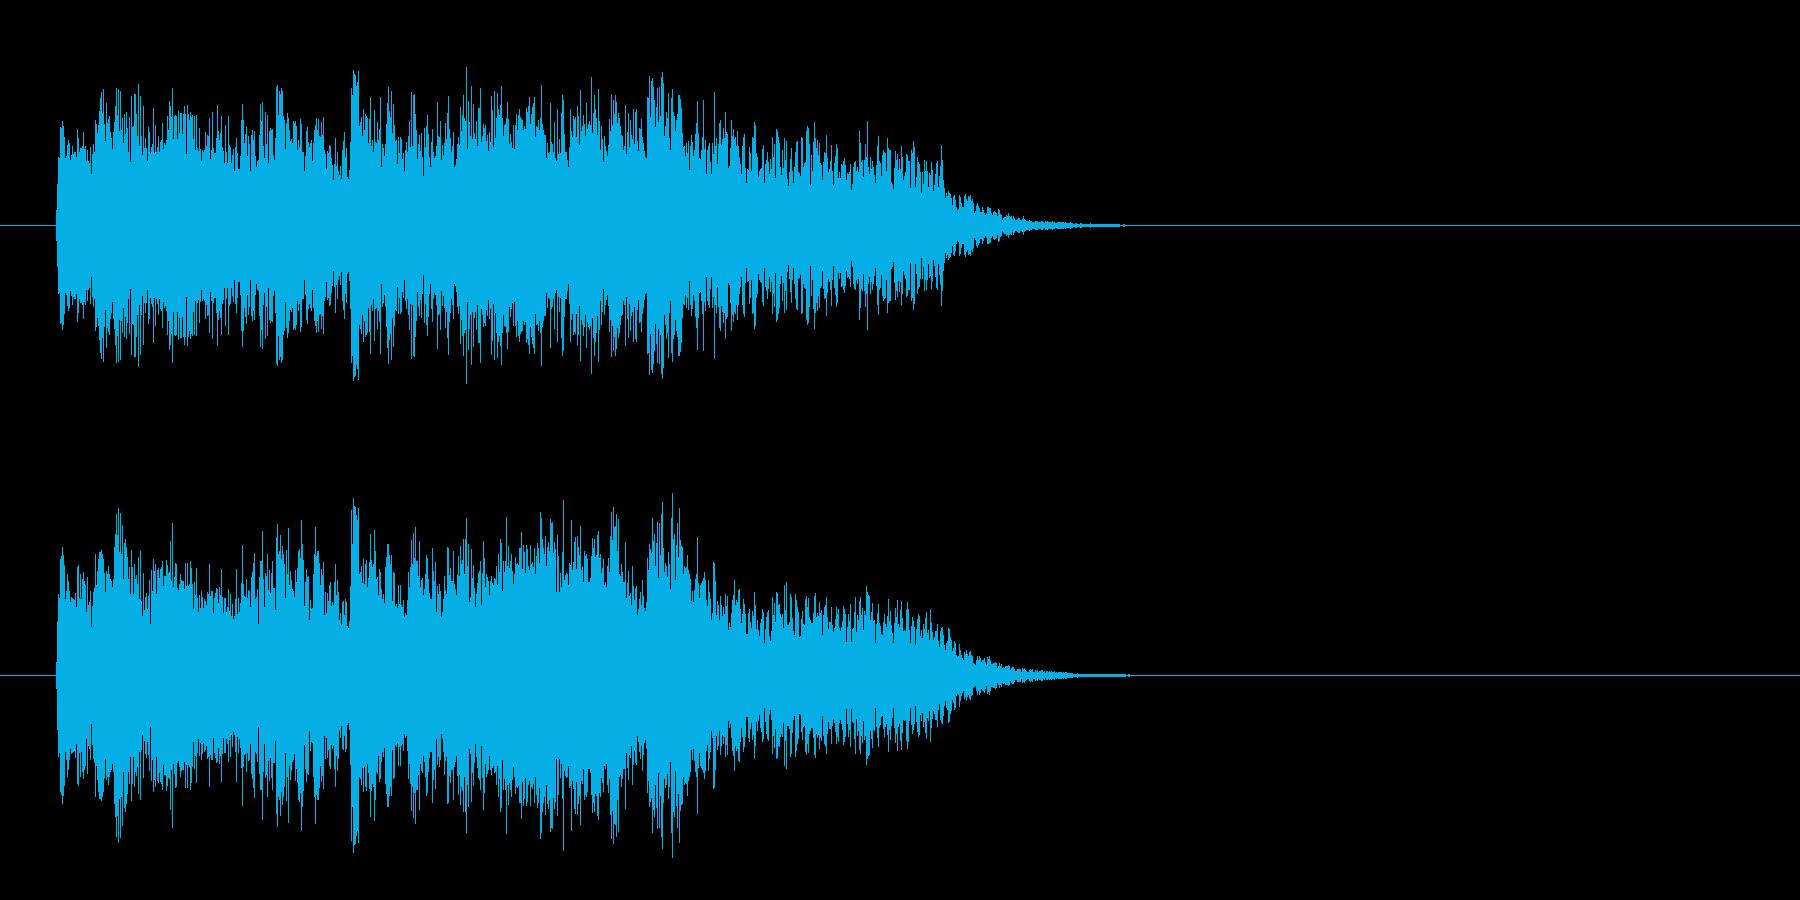 さわやか 情報 朝 科学 浮遊 目覚めの再生済みの波形